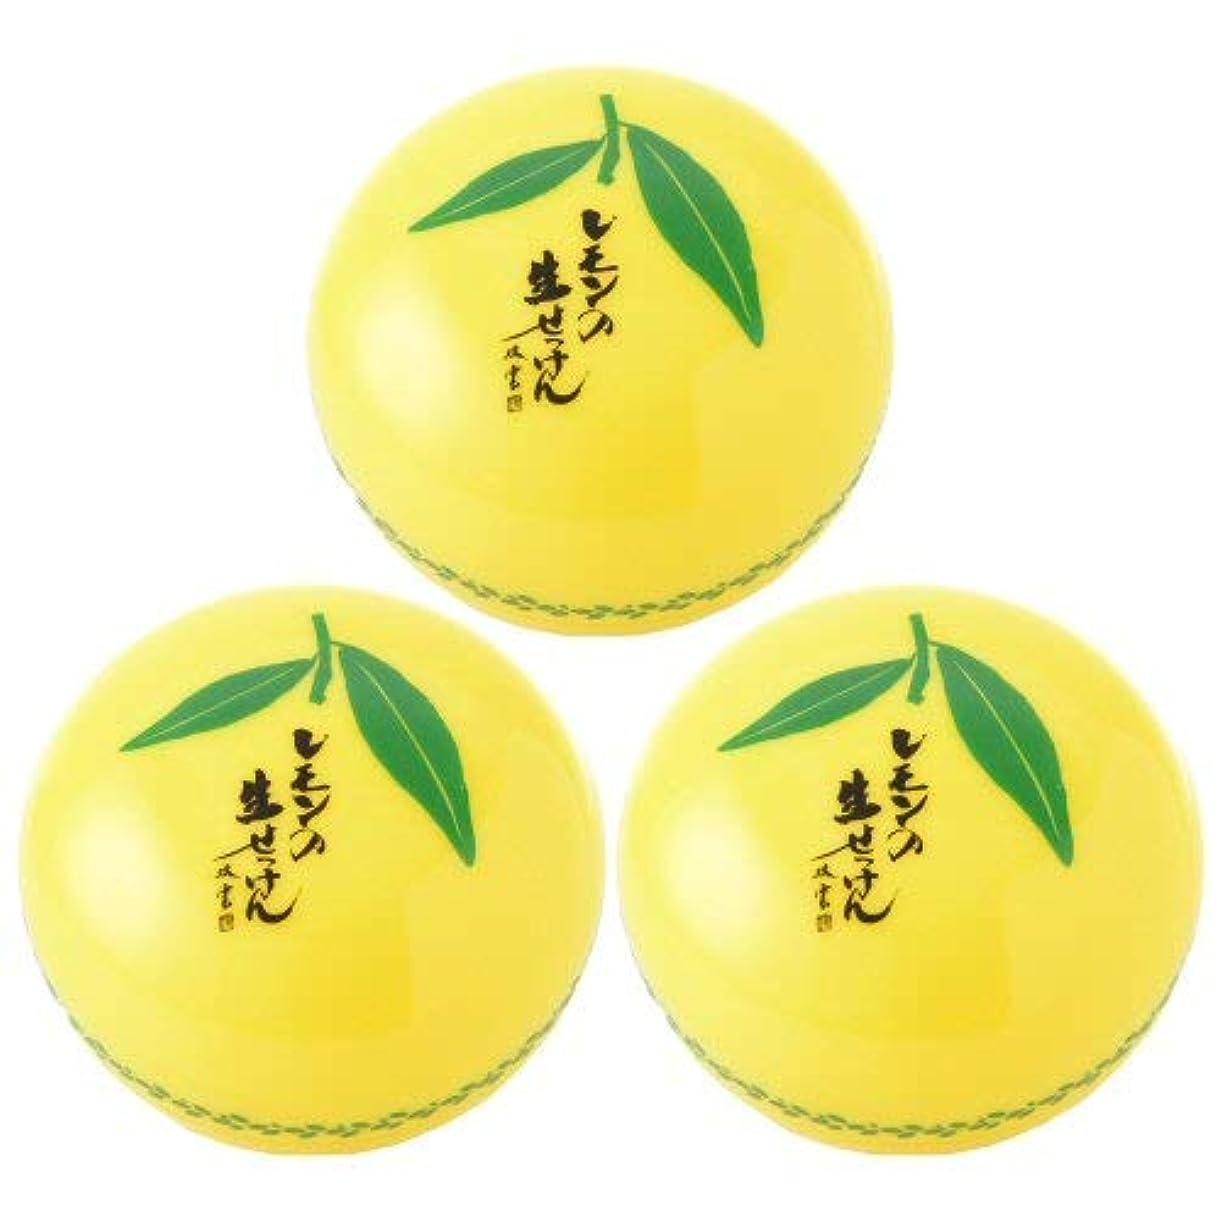 奇妙な売る陰謀UYEKI美香柑レモンの生せっけん120g×3個セット